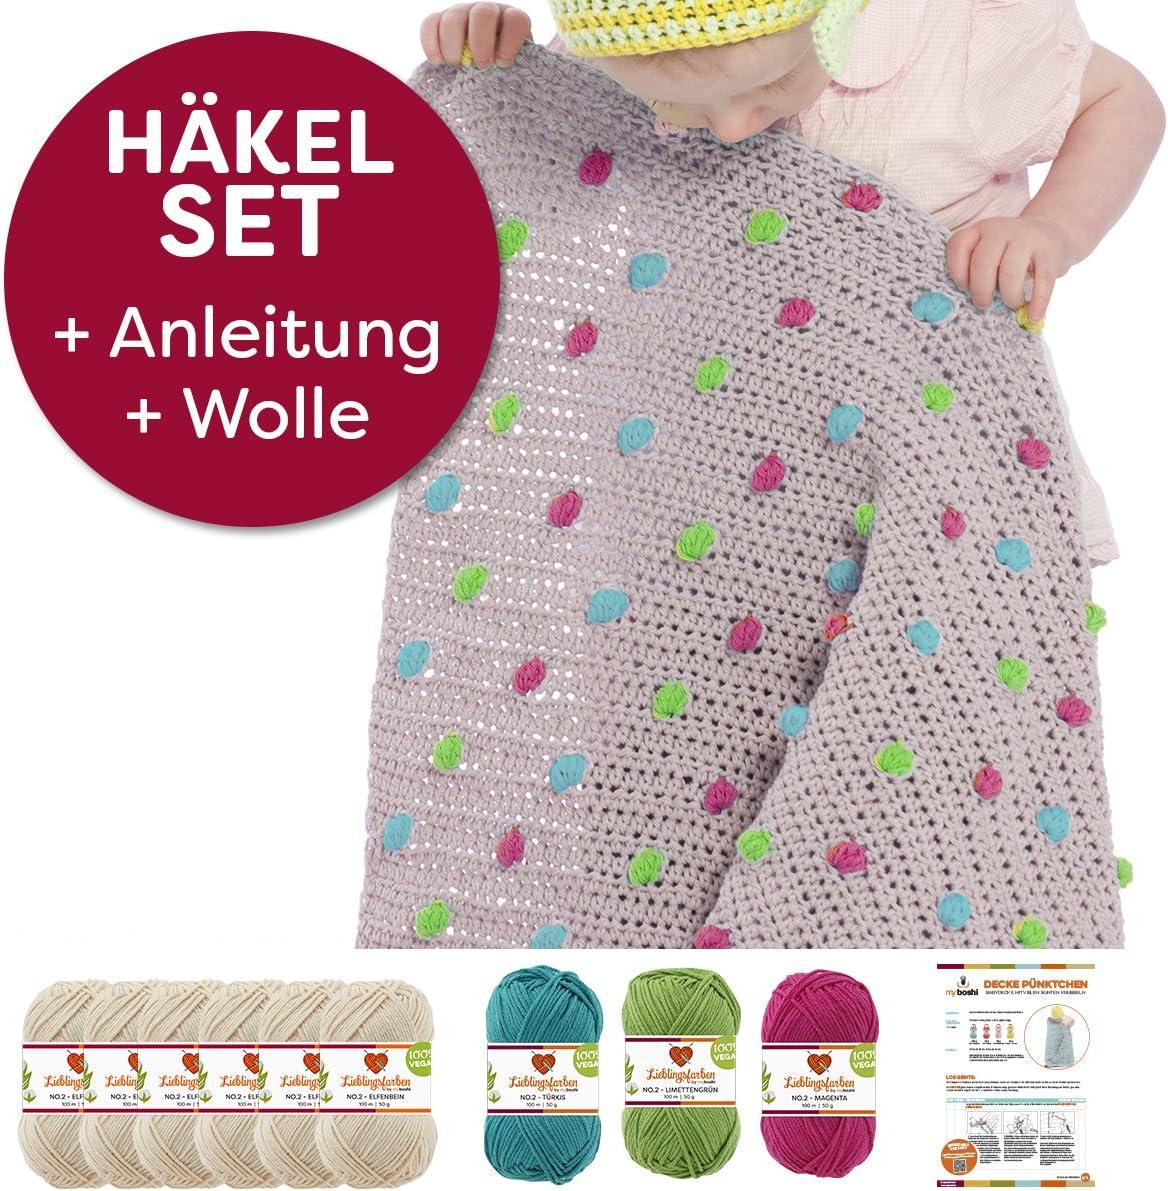 Babydecke P/üncktchen Elfenbein Limettengr/ün H/äkelanleitung Magenta T/ürkis Baby-Decken-H/äkel-Set H/äkel-Garn myboshi H/äkel-Set ohne H/äkelnadel